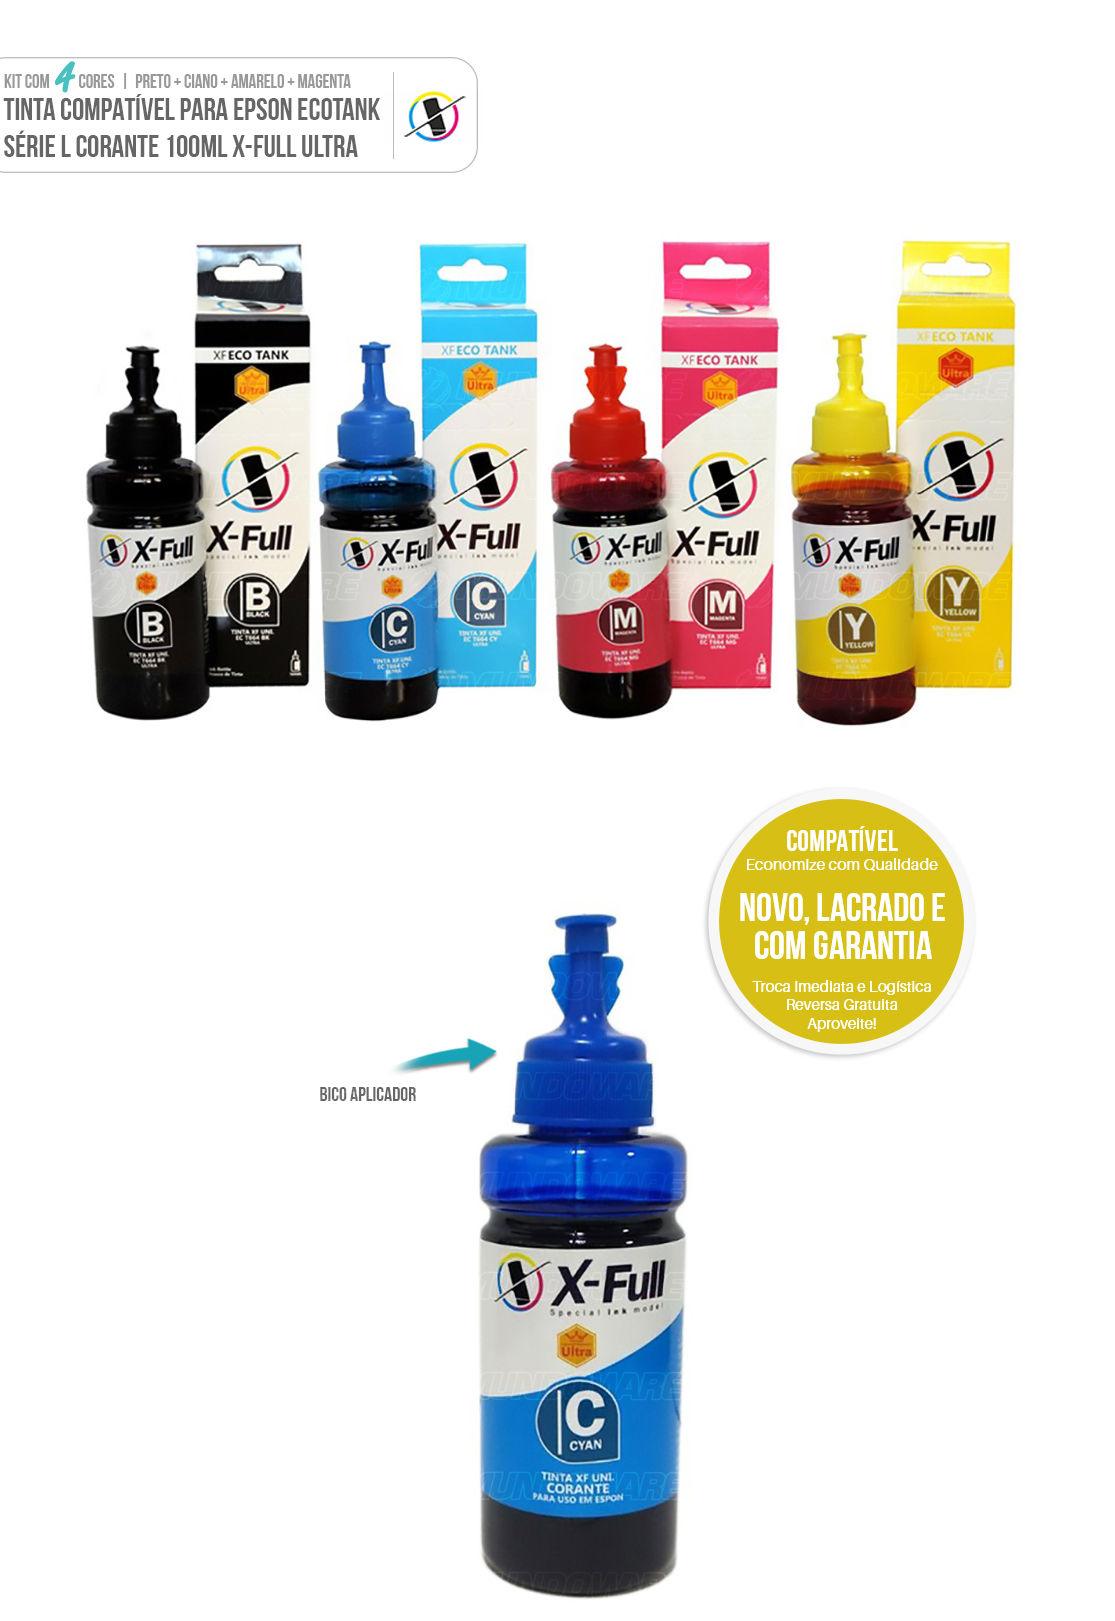 Kit Colorido 4 cores de Tinta Compatível para Epson Ecotank Ultra série L L200 L210 L220 L355 L365 L375 L555 L575 L800 L805 L1300